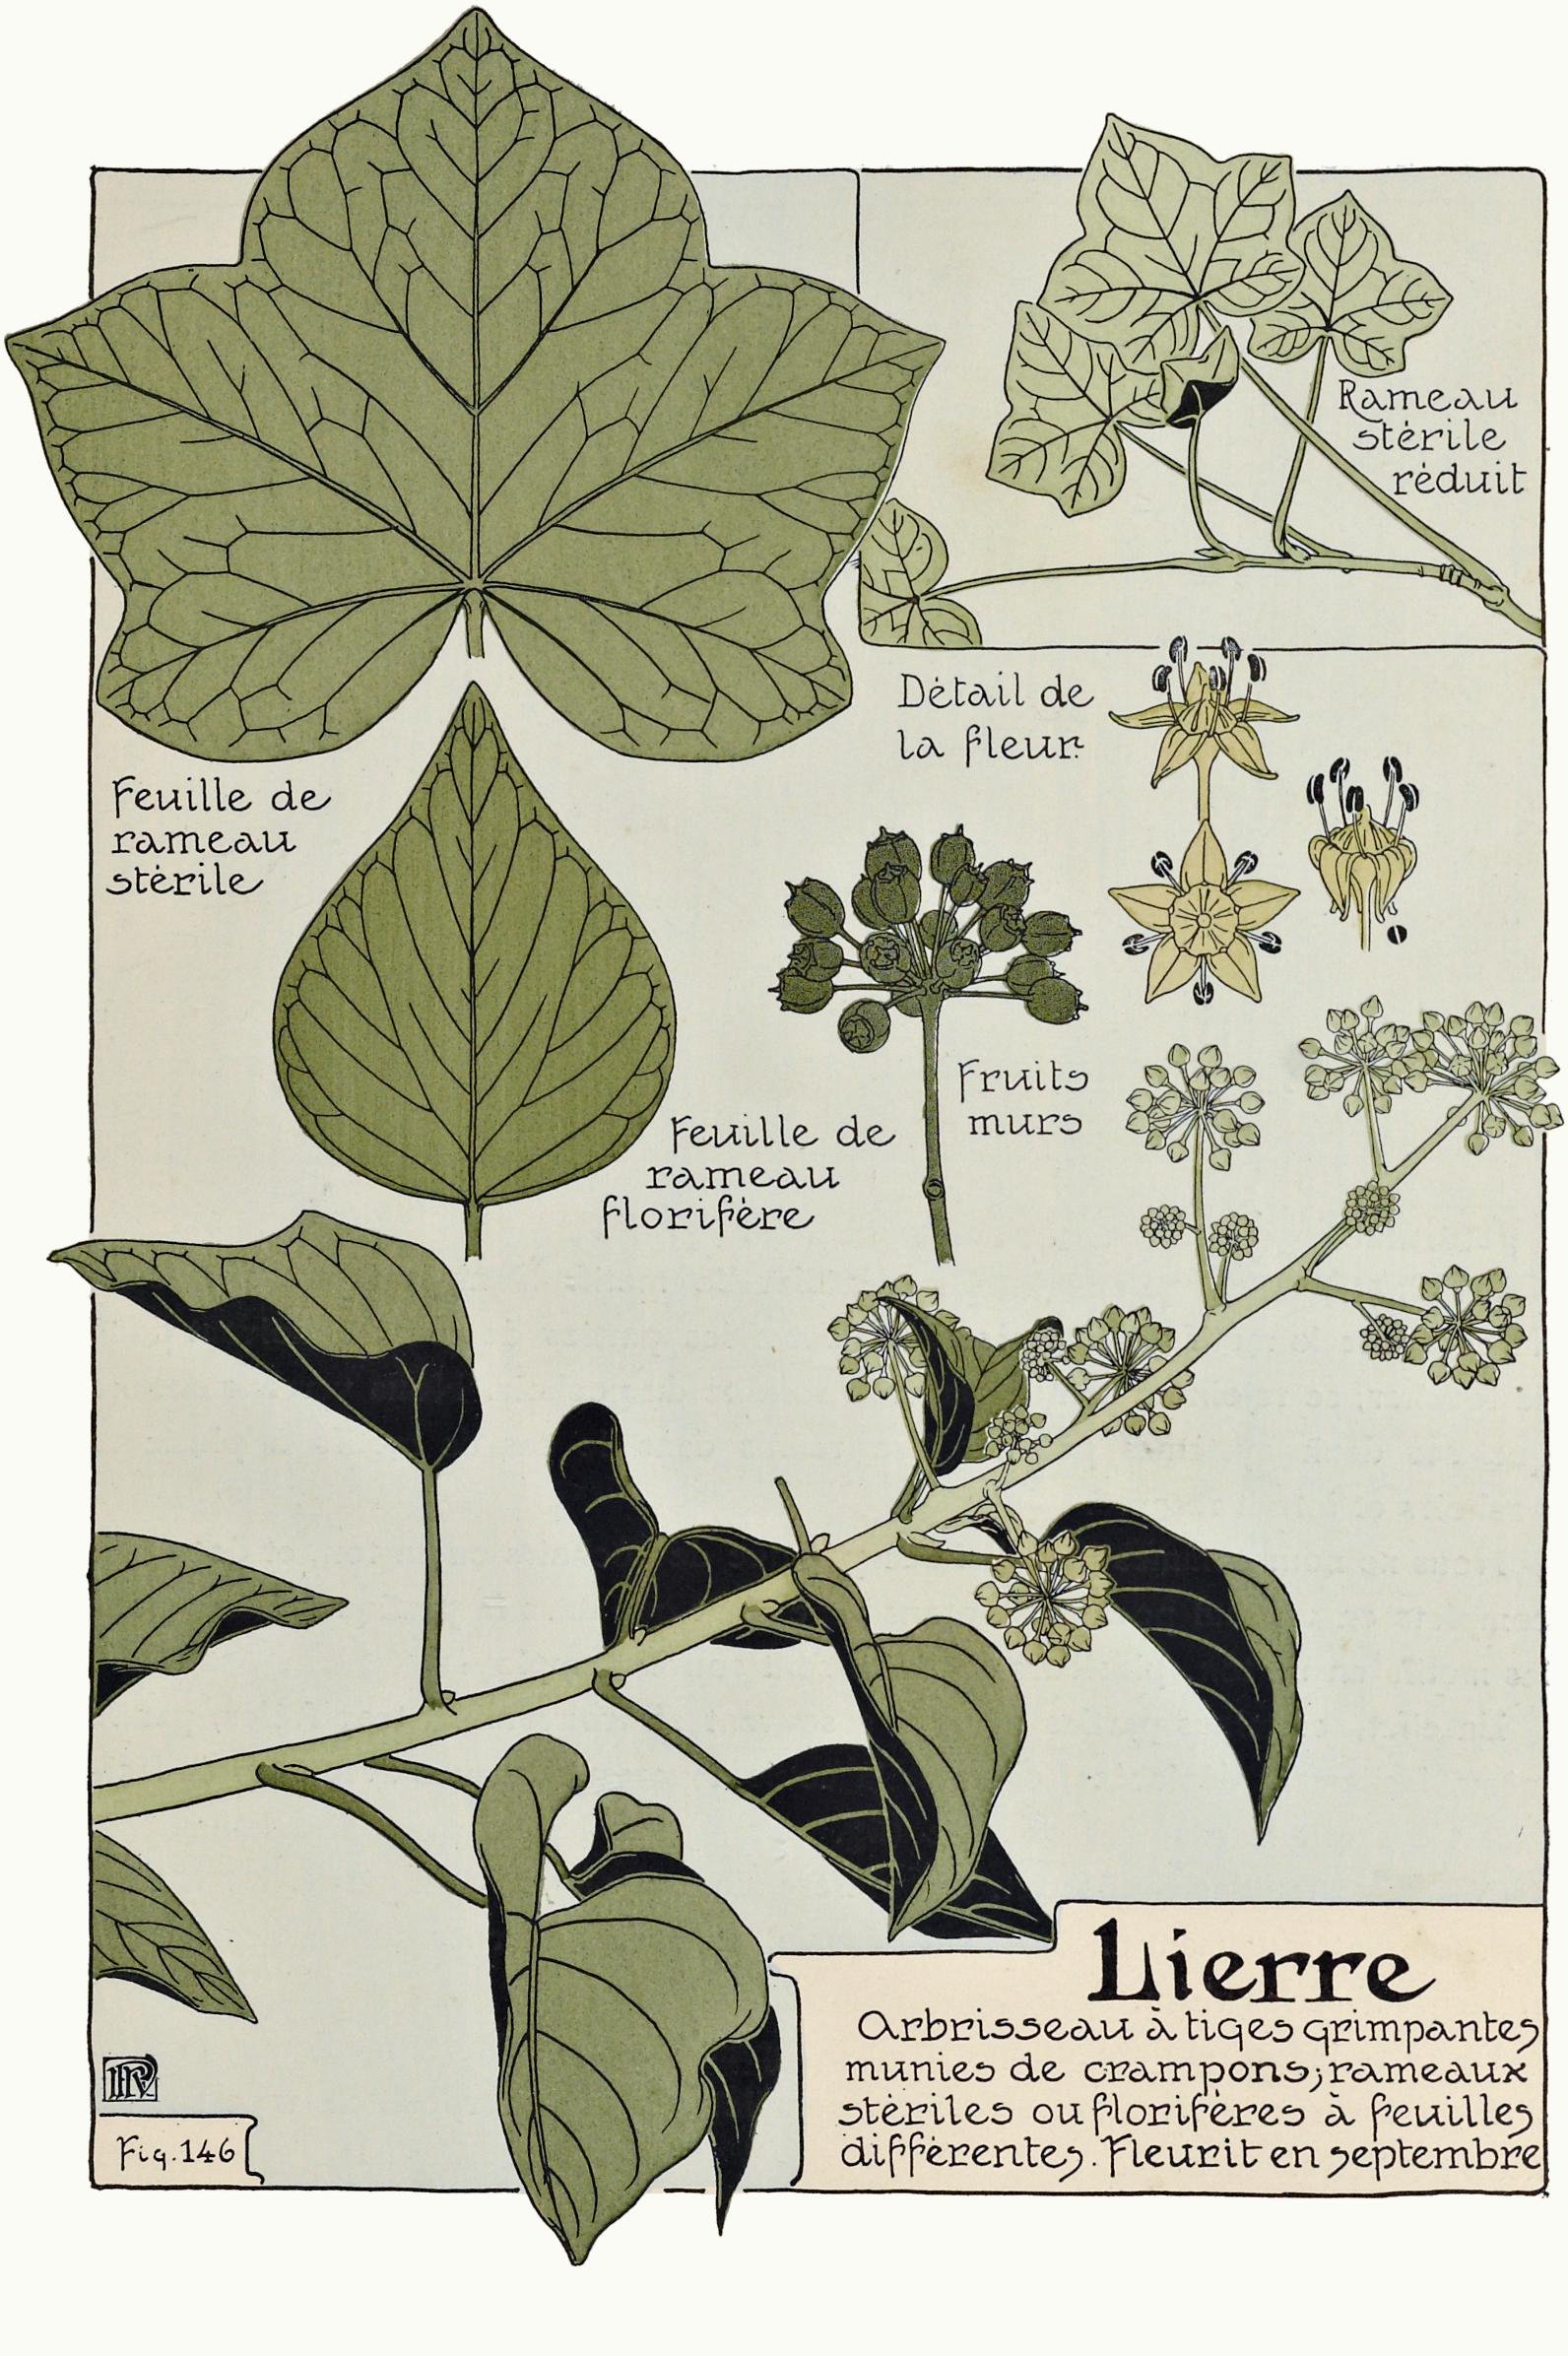 Plante Sur Les Murs file:etude de la plante - p.107 fig.146 - lierre